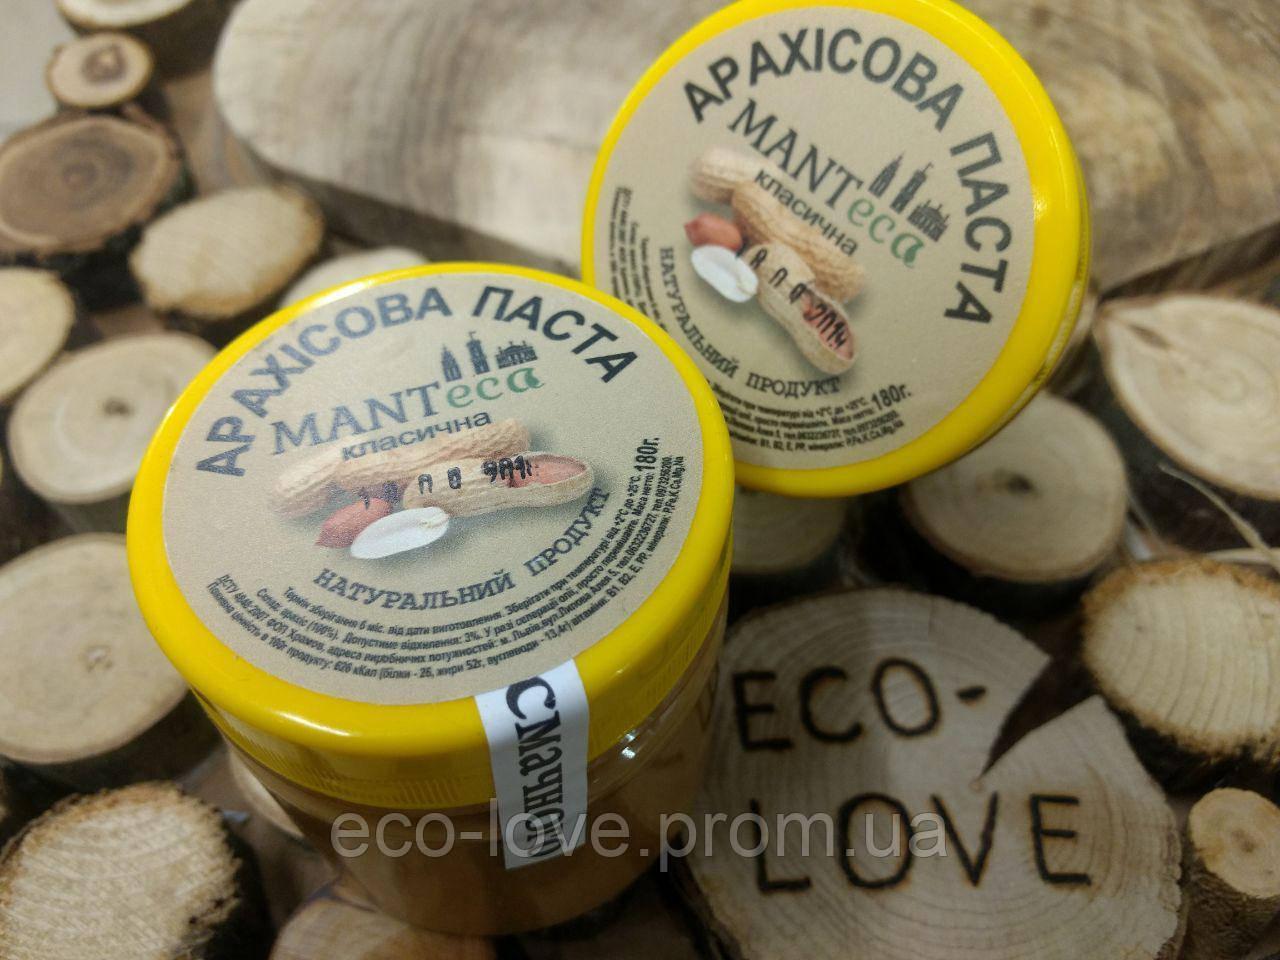 Арахисовая паста классическая, без сахара и соли, 180гр ТМ MANTECA